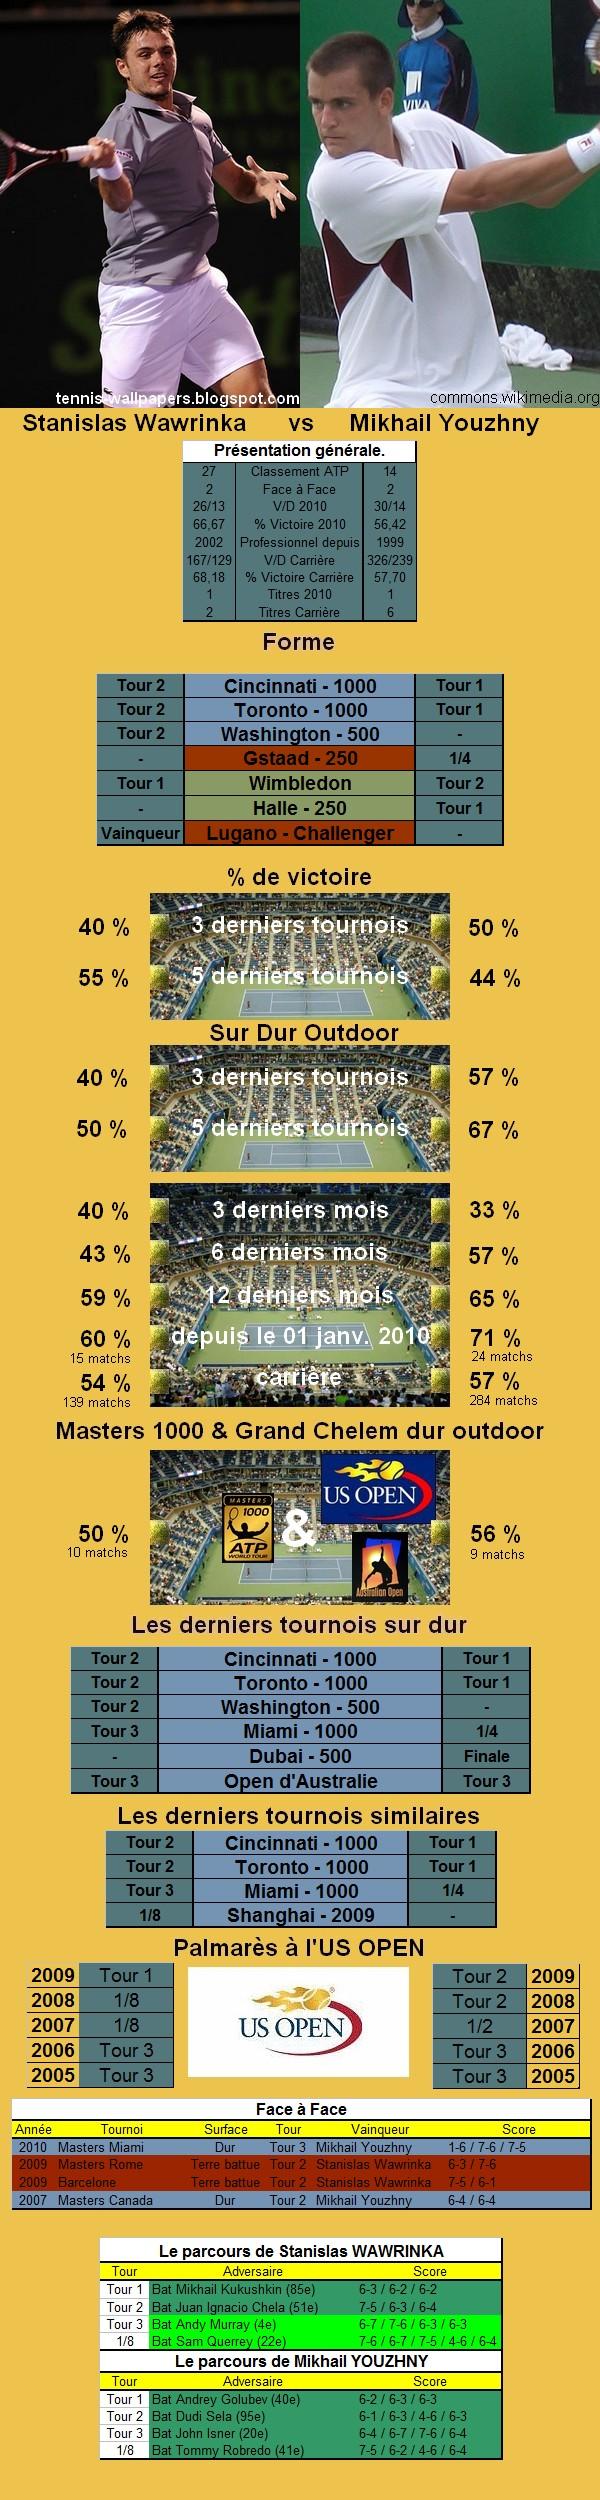 Statistiques tennis de Wawrinka contre Youzhny à l'US OPEN